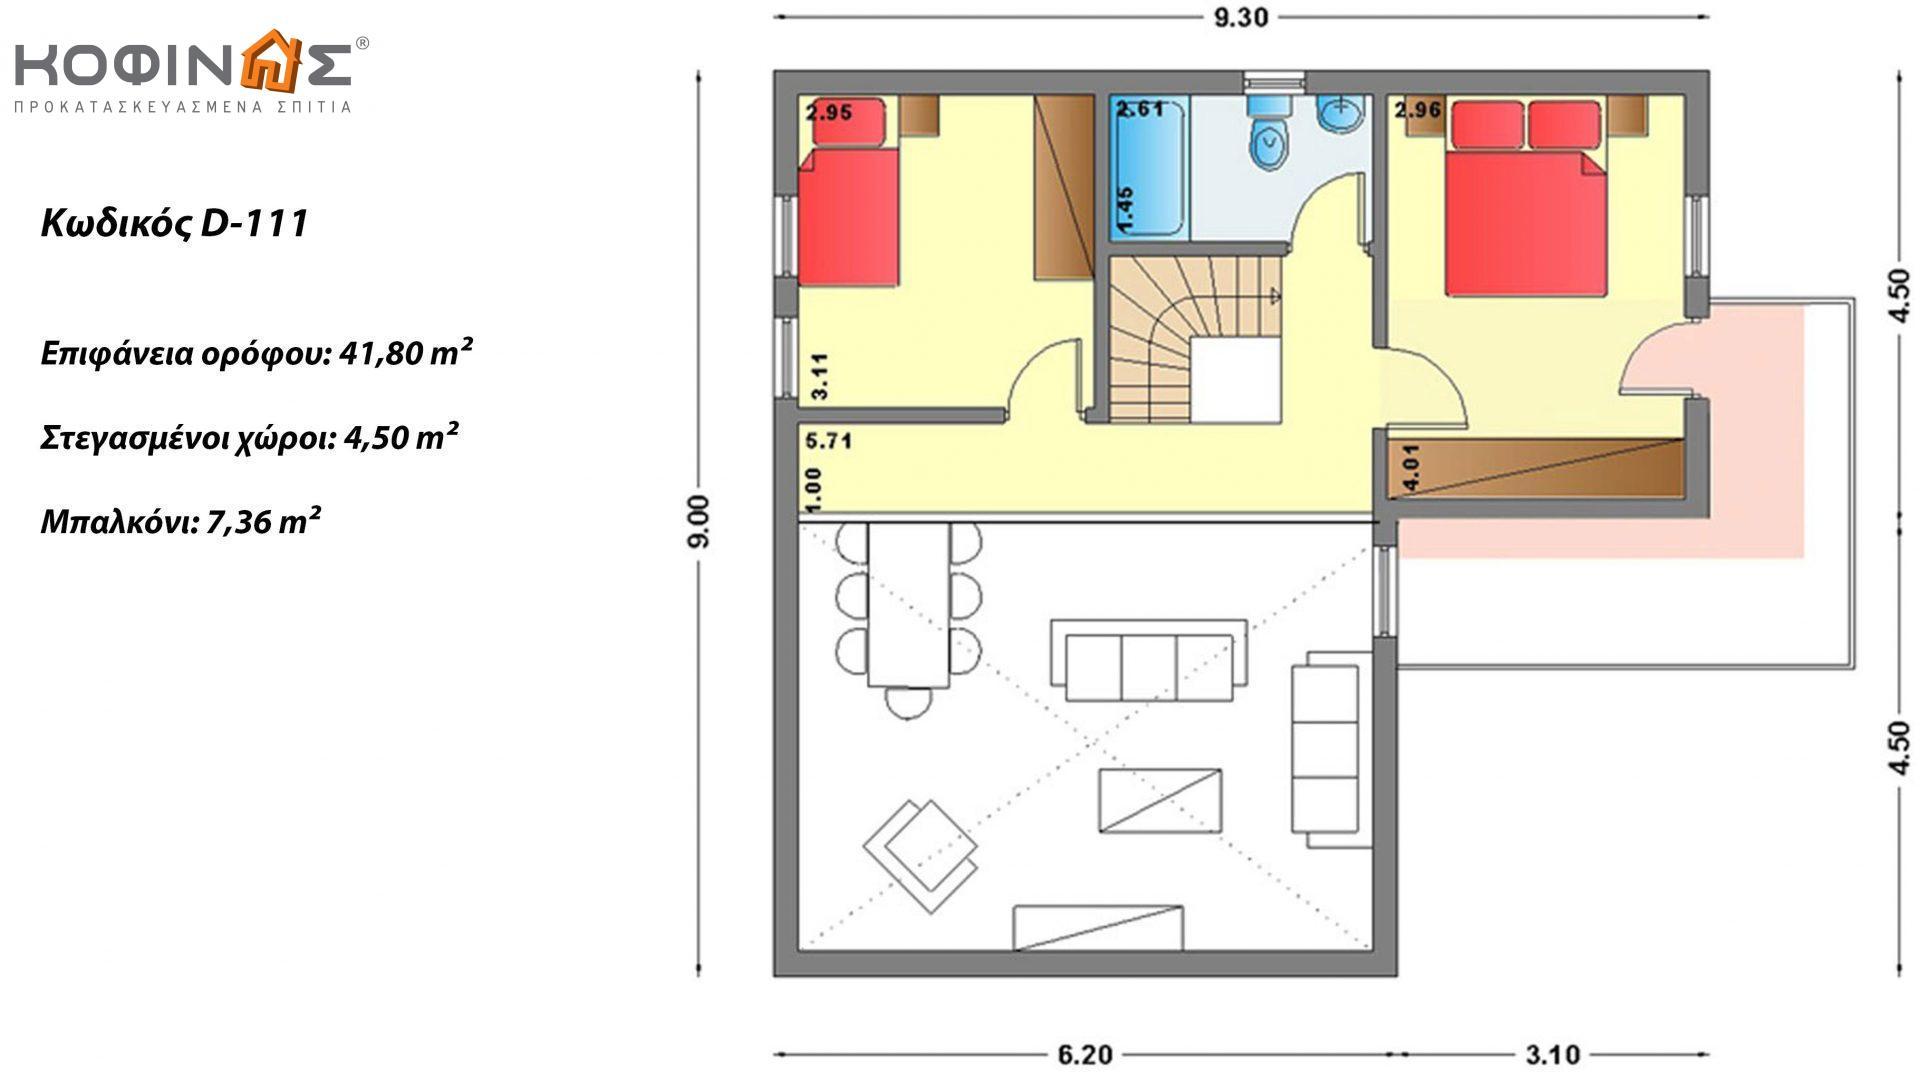 Διώροφη Κατοικία D-111, συνολικής επιφάνειας 111,80 τ.μ. , συνολική επιφάνεια στεγασμένων χώρων 11.94 τ.μ., μπαλκόνια 7.36 τ.μ.